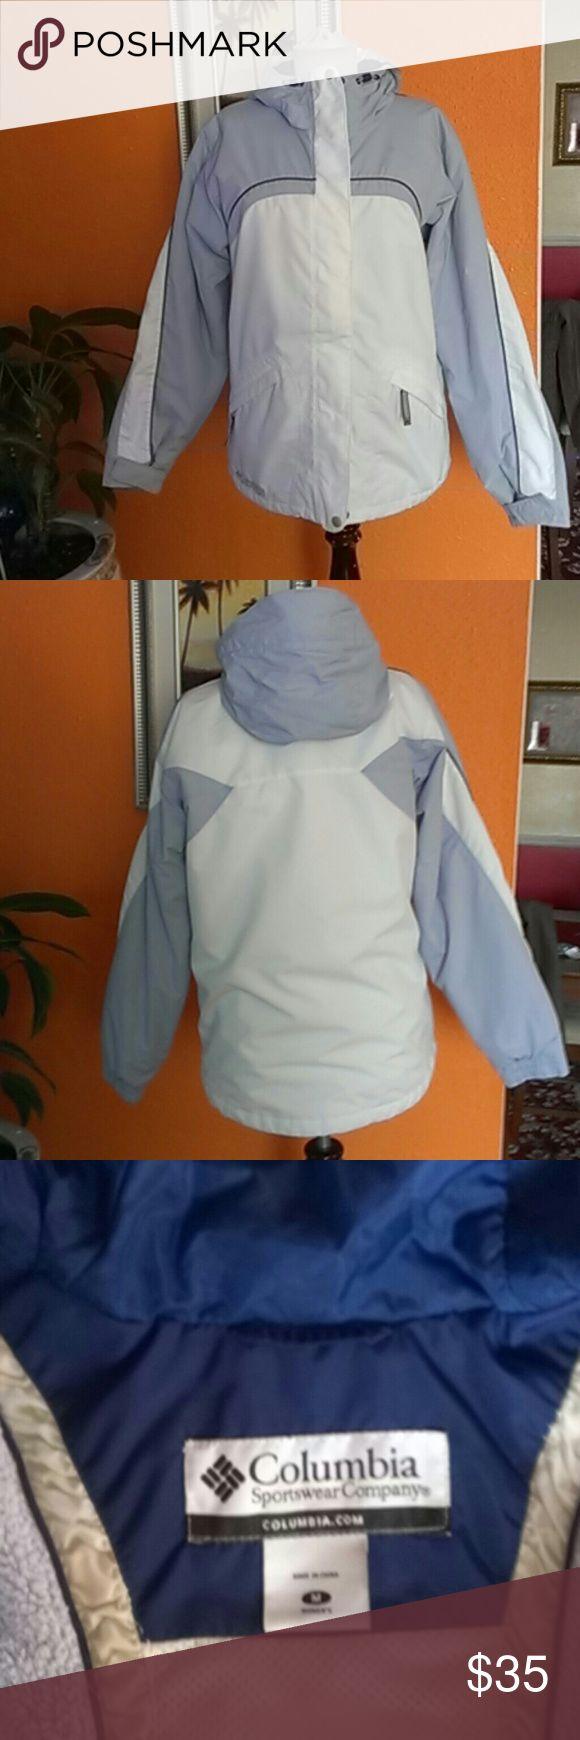 Columbia Coat Jacket Columbia Coat Jacket Sportswear Company, colors shell,100%nylon, white shell, 100%polyester, colors lining, 100%nylon, white lining, 100%polyester, insulation, 100%polyester, color white, blue, blue light Columbia Jackets & Coats